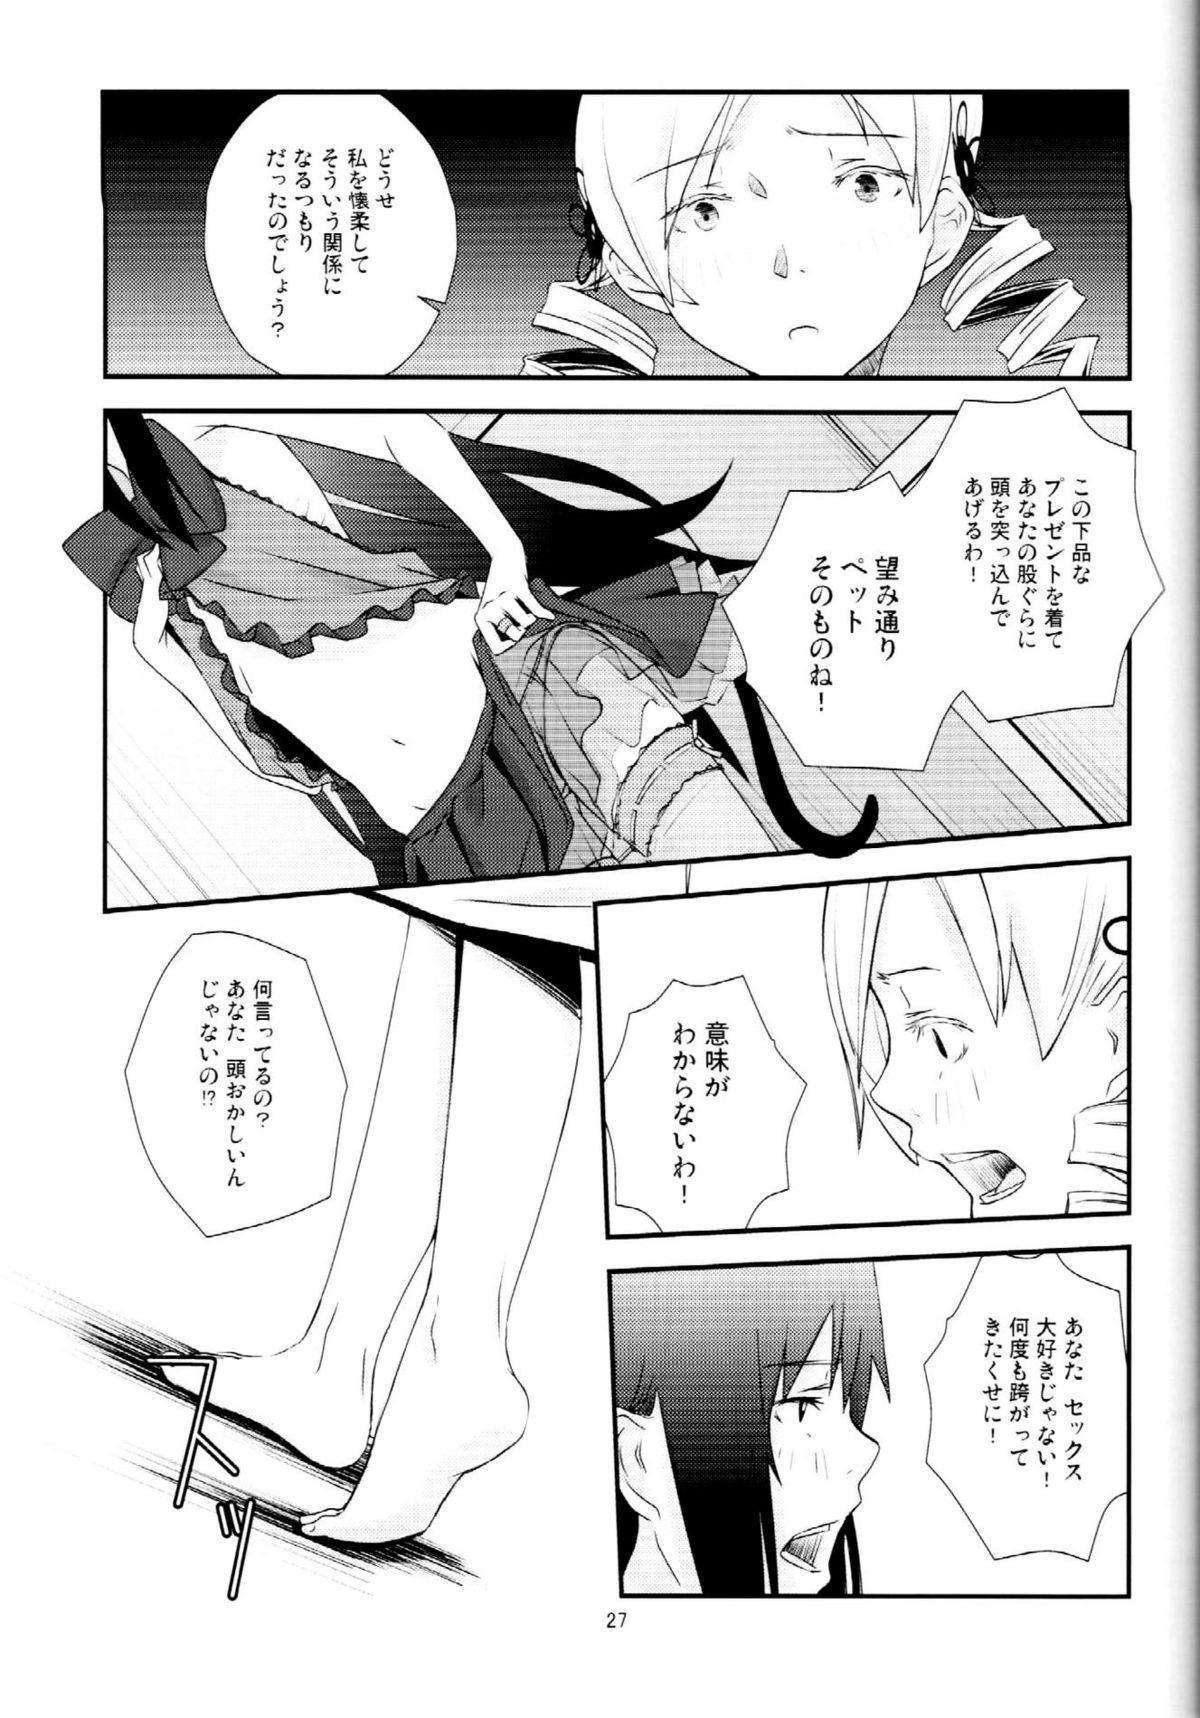 Kuroneko to Shoujo 25